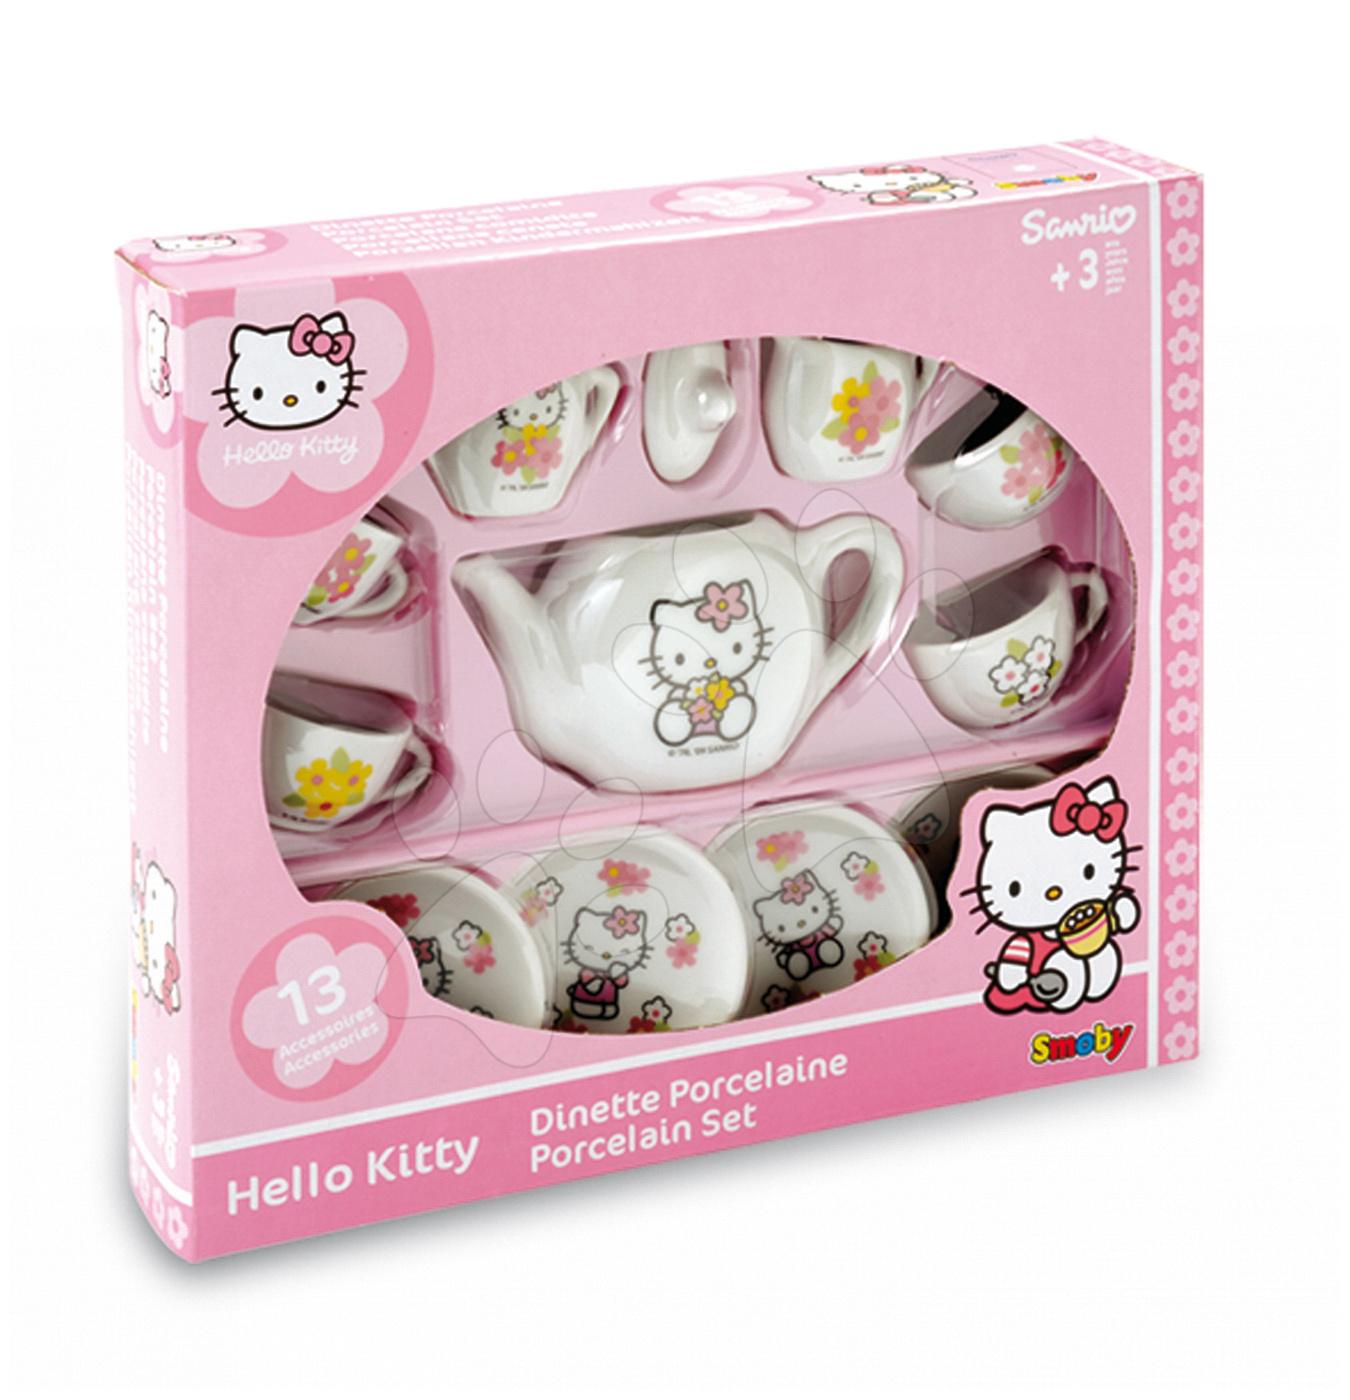 Posodice in dodatki za kuhinje - Čajni servis Hello Kitty Smoby porcelan s 13 dodatki